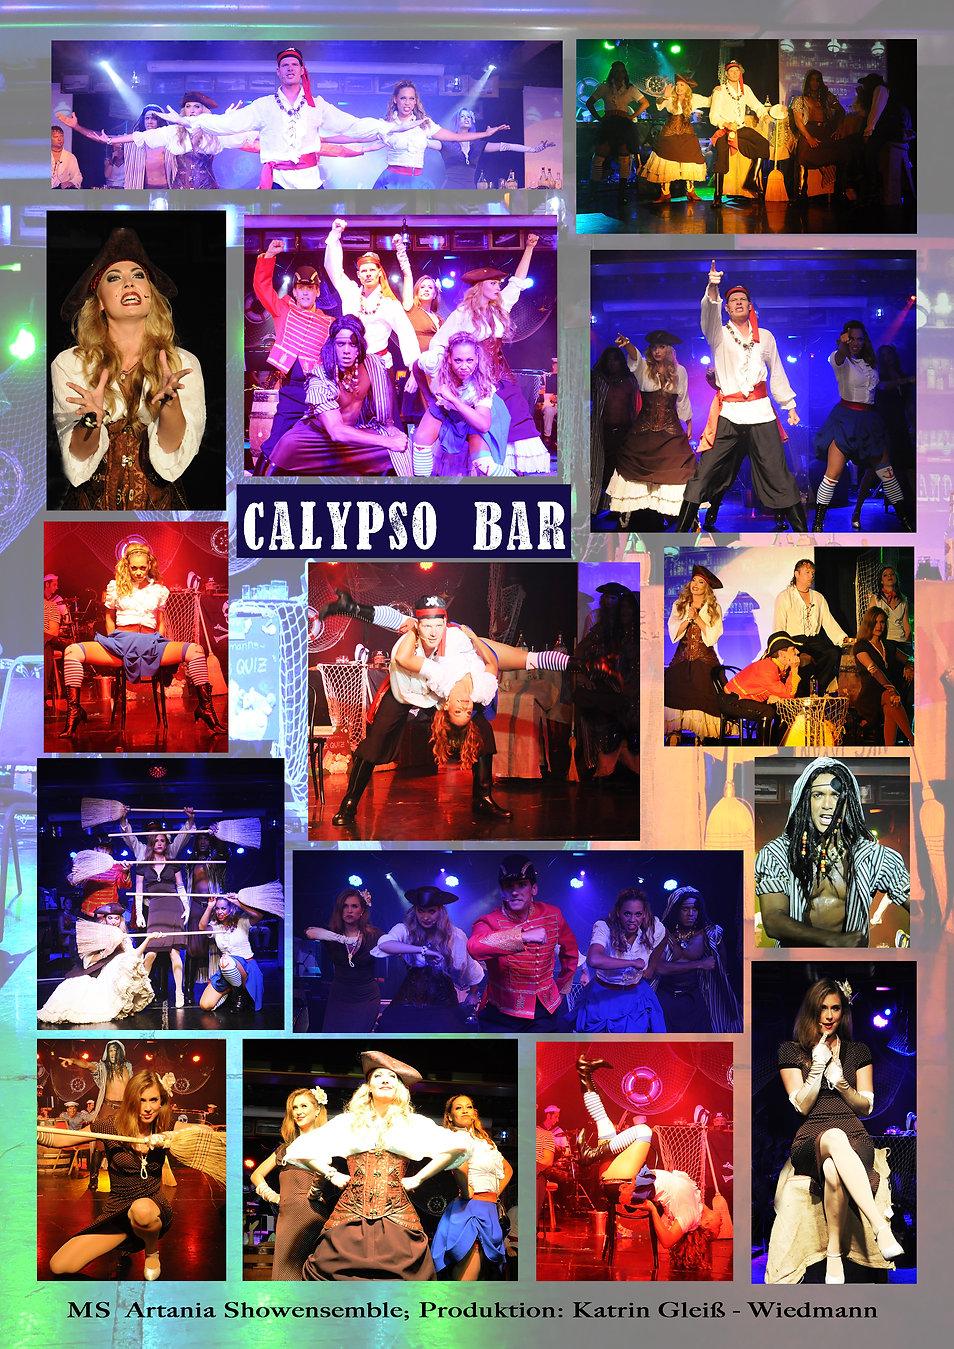 Calypso 2 Kopie.jpg